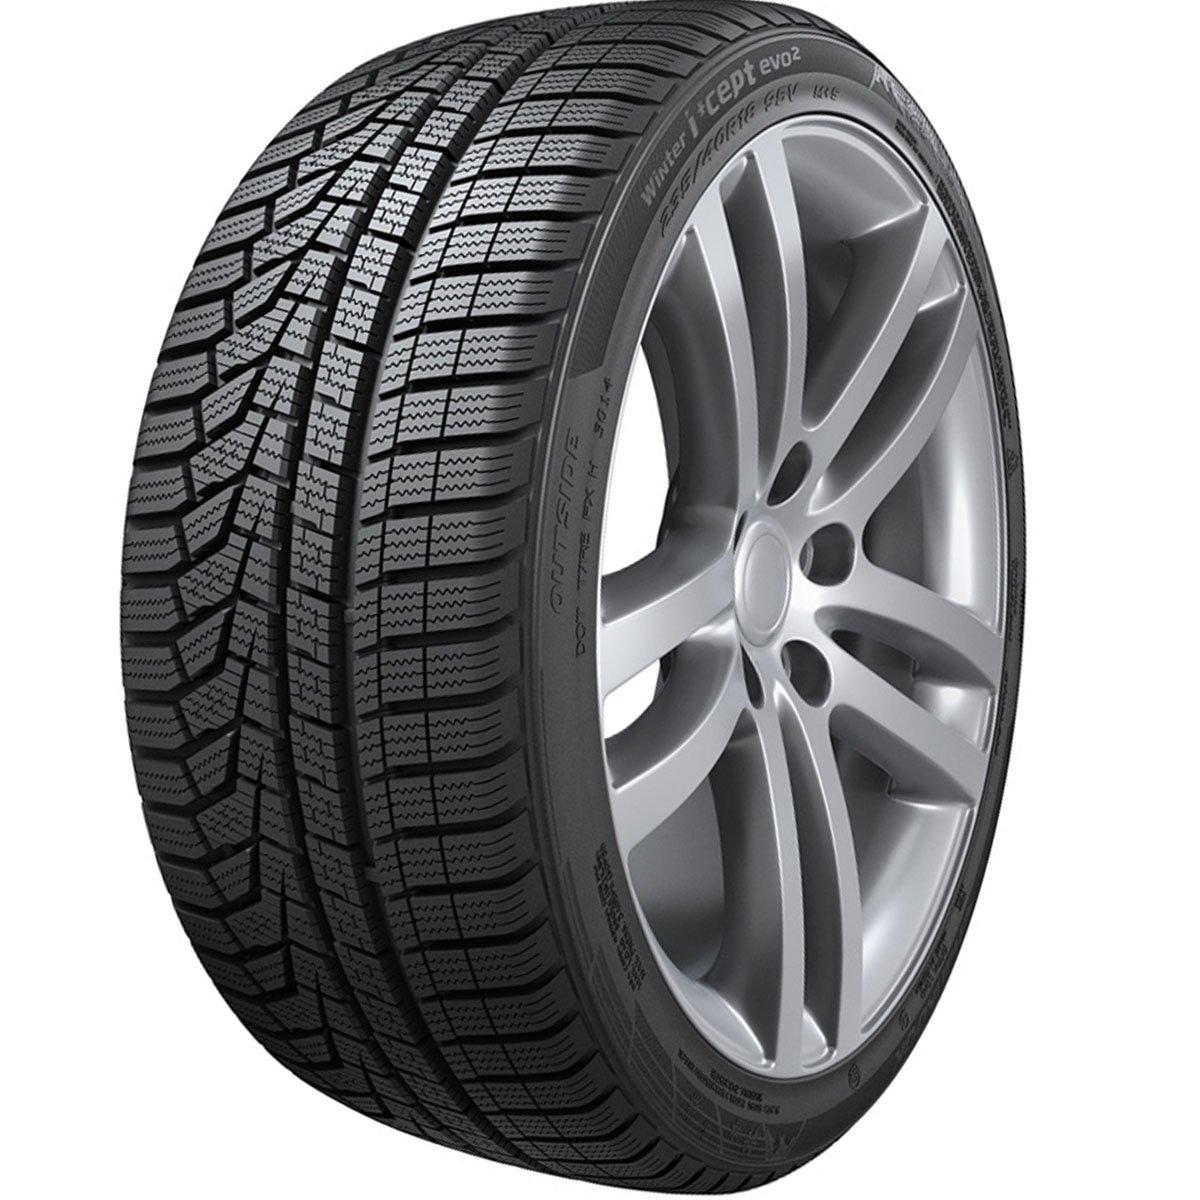 Neumático HANKOOK W320B 225/45R18 95 V